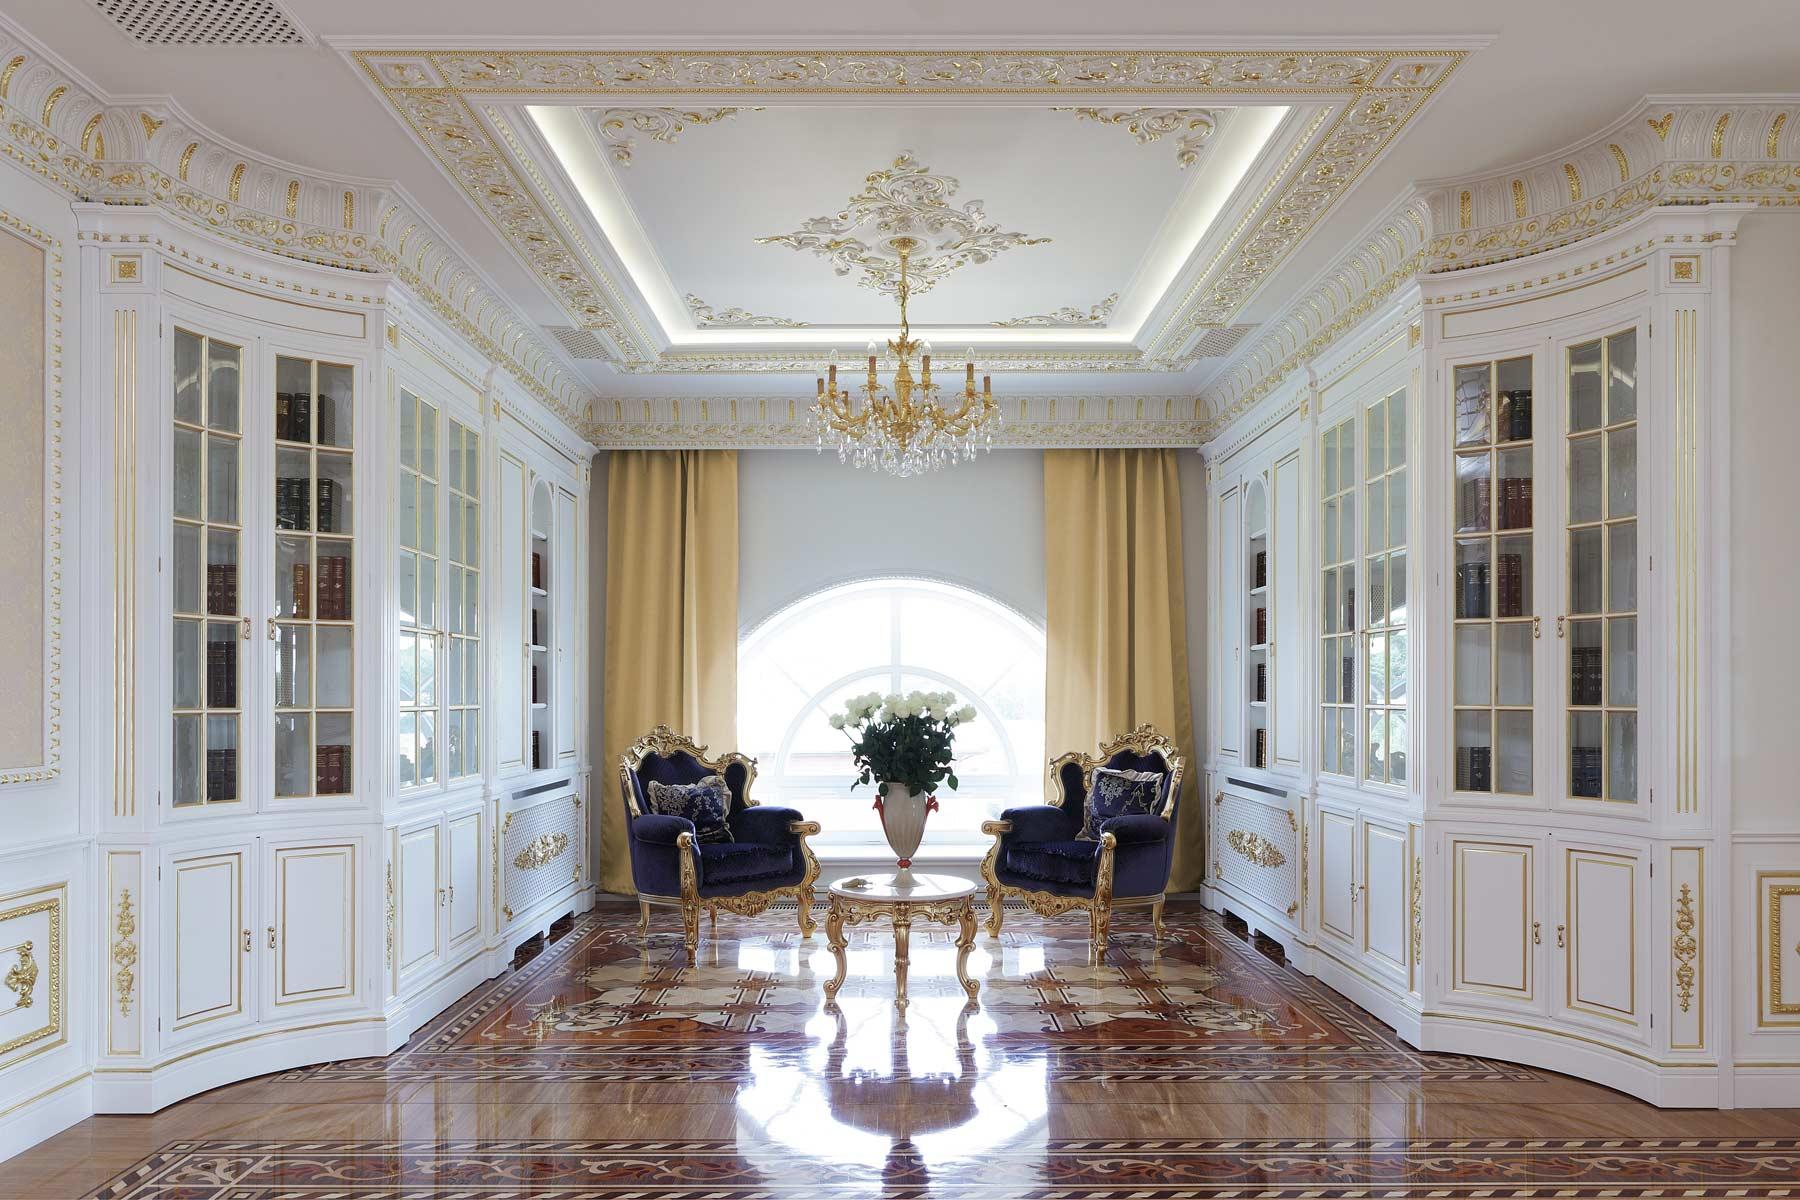 Arredi contract per ville hotel spazi di lusso vazzari for Arredi per alberghi e hotel